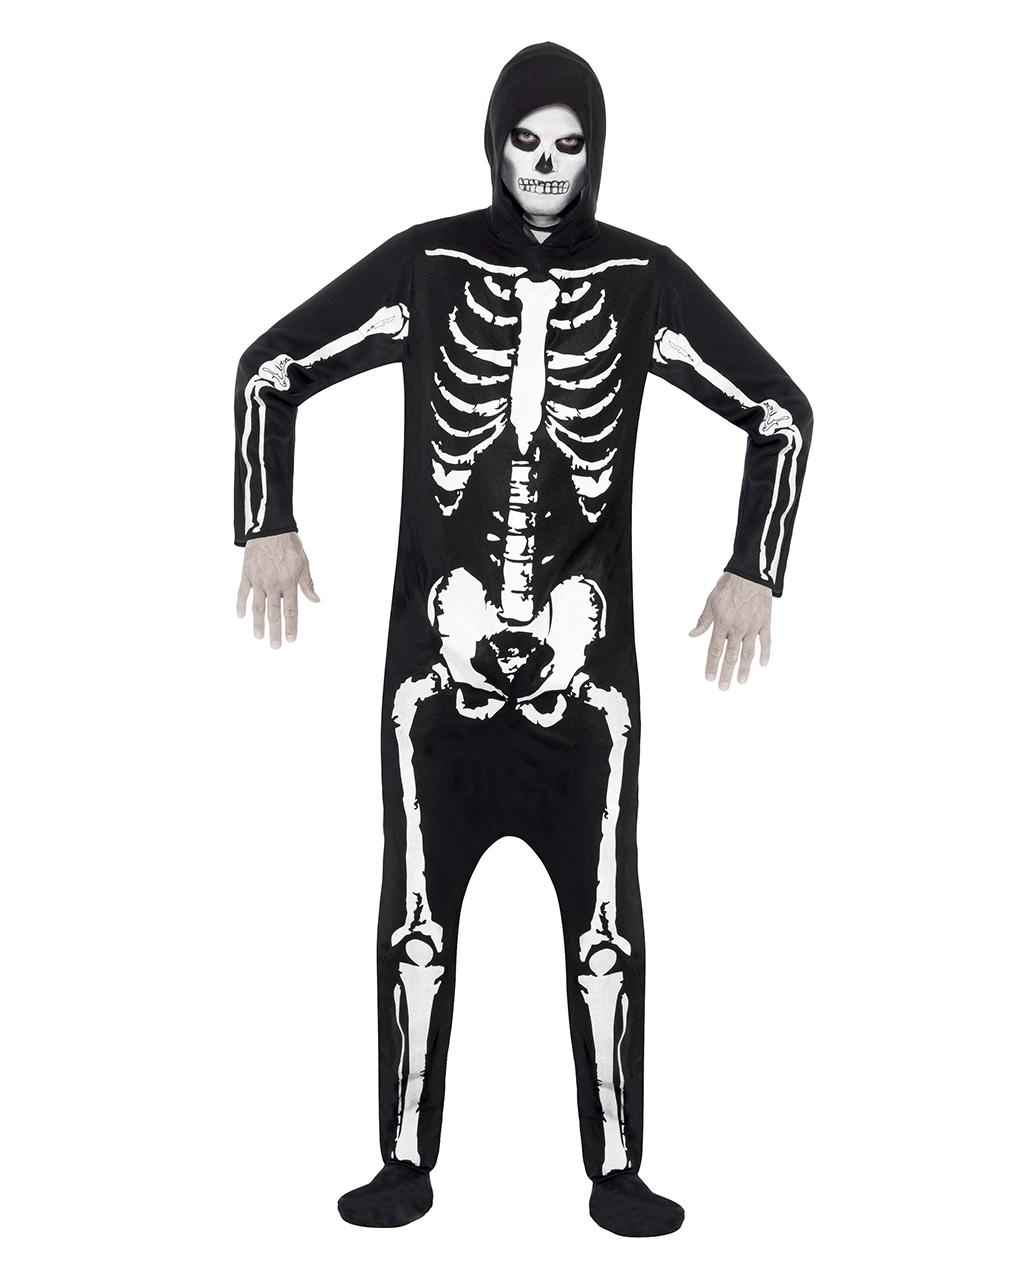 Skeleton costume with hood  sc 1 st  Horror-Shop.com & Skeleton costume with hood | Black jumpsuit with skeleton motif ...